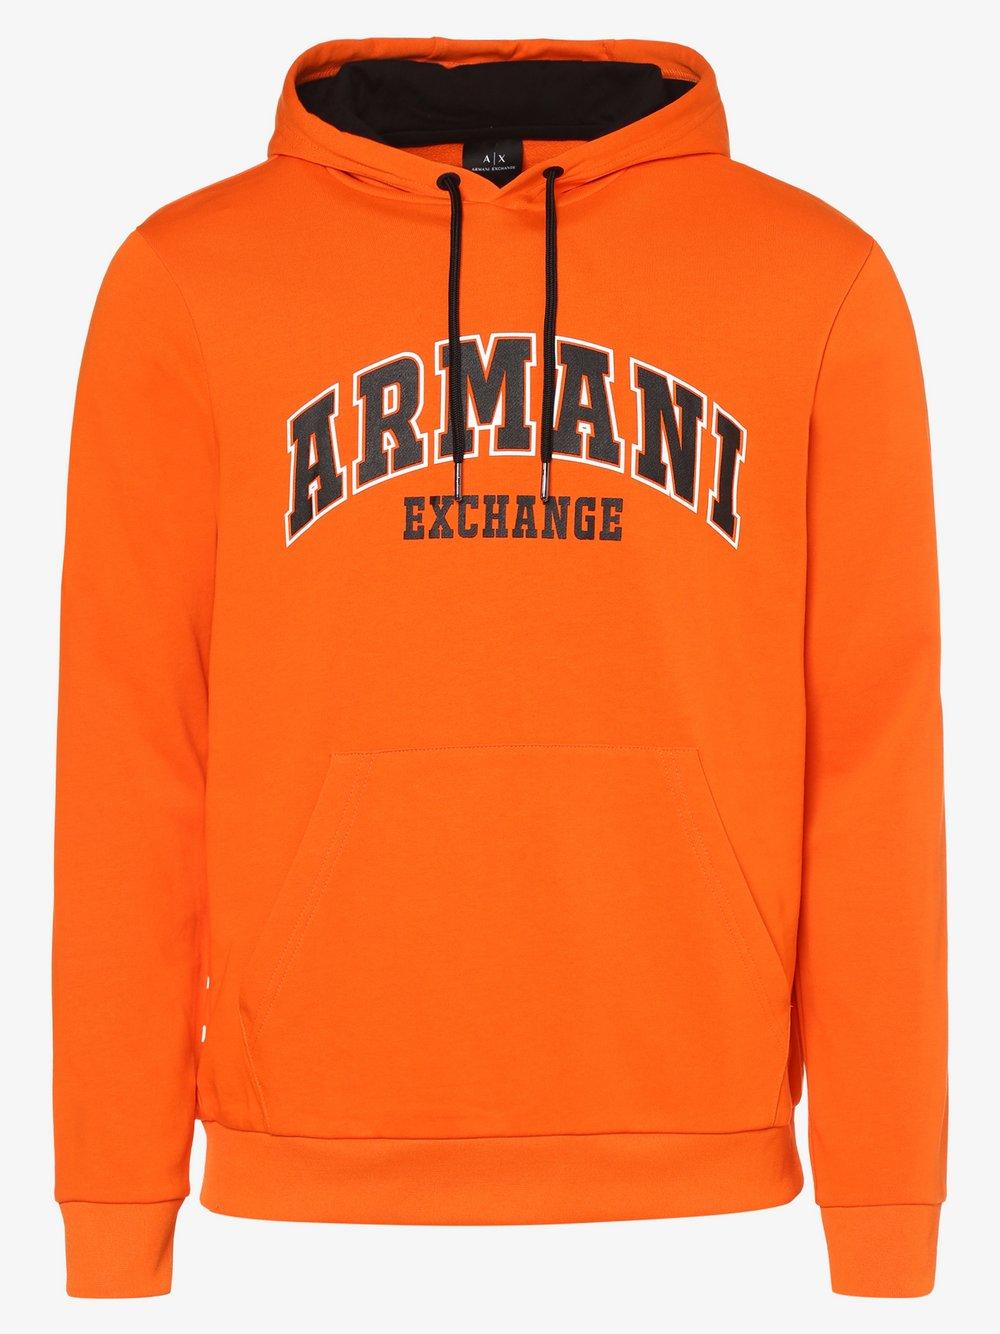 Armani Exchange - Męska bluza nierozpinana, pomarańczowy